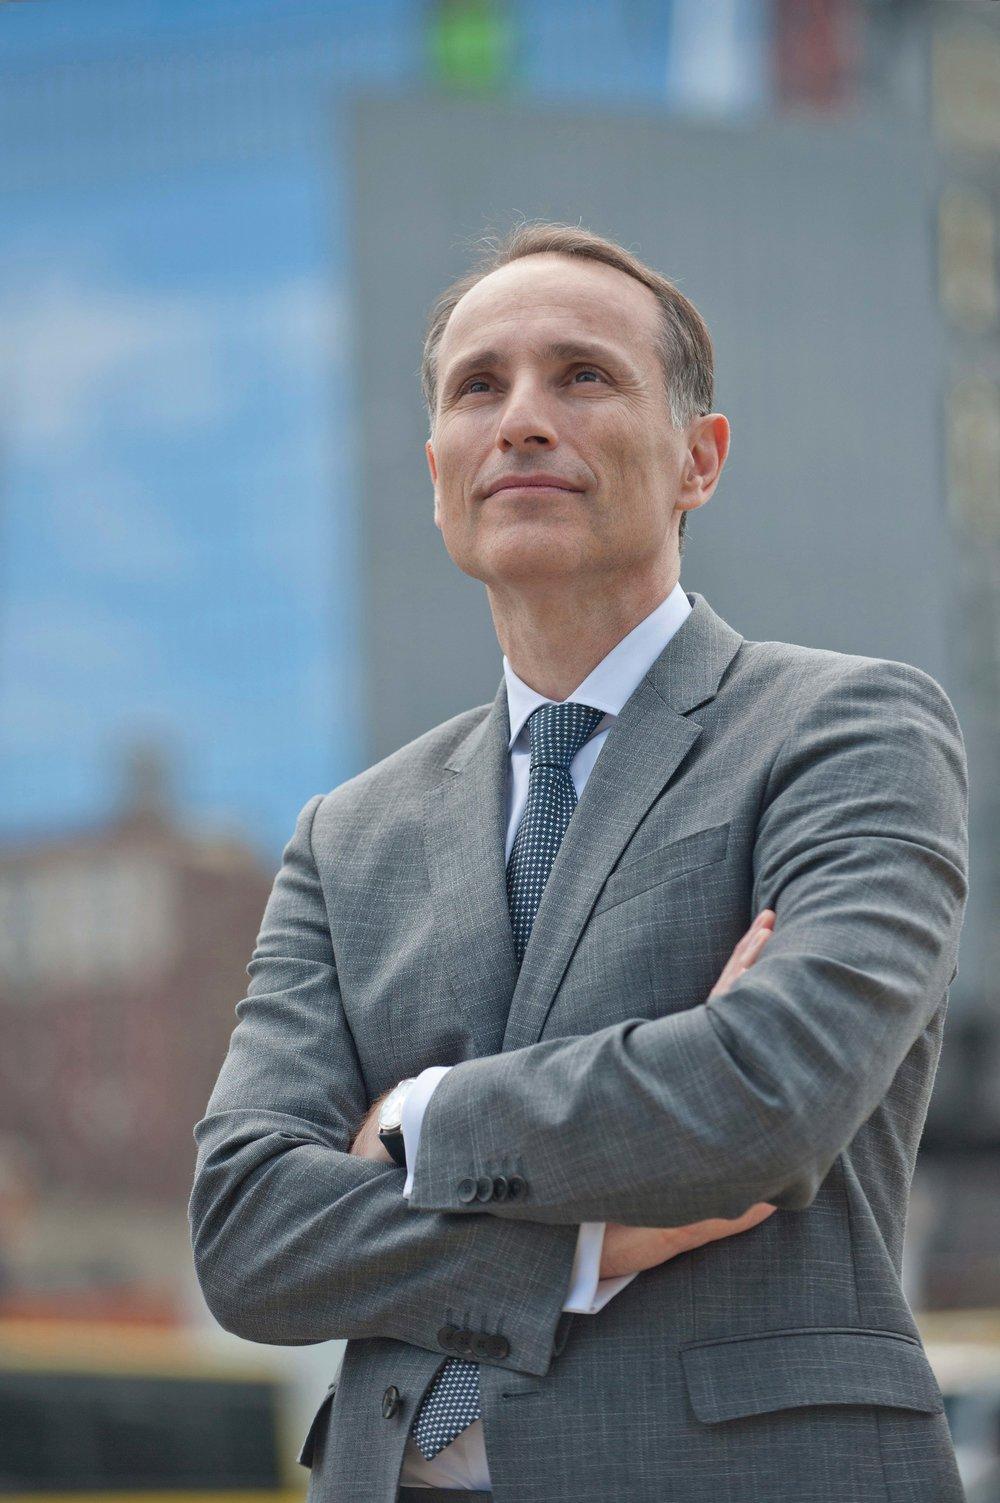 2015年,Vasilios Zoupounidis將總部設立在紐約的《大紀元時報》引入了瑞典,從生意人成為了媒體人,翻開了自己事業的新篇章。